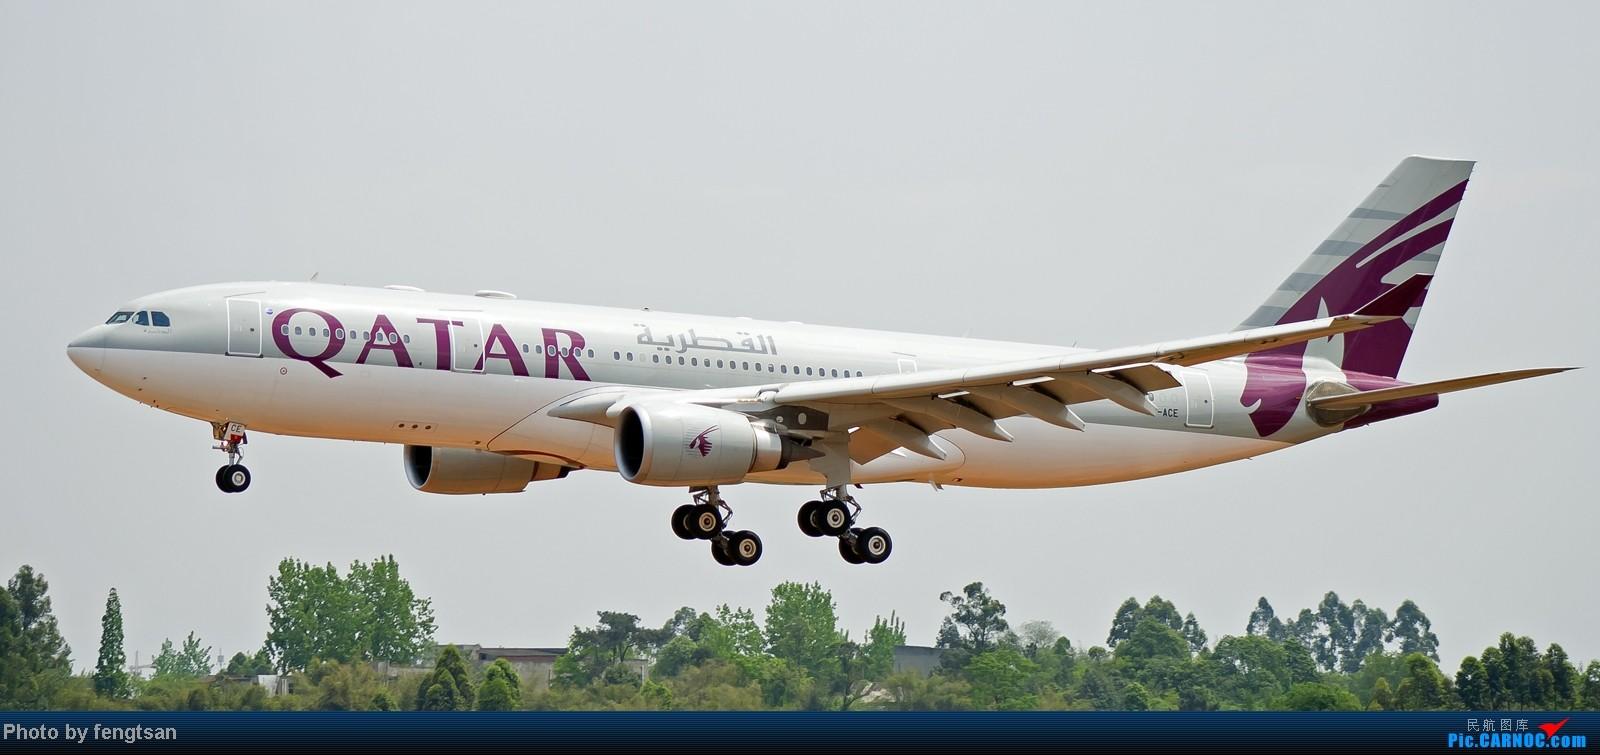 [原创][CCFA] 雨过天晴的周末,卡塔尔航空降落一组 AIRBUS A330-200  中国成都双流机场